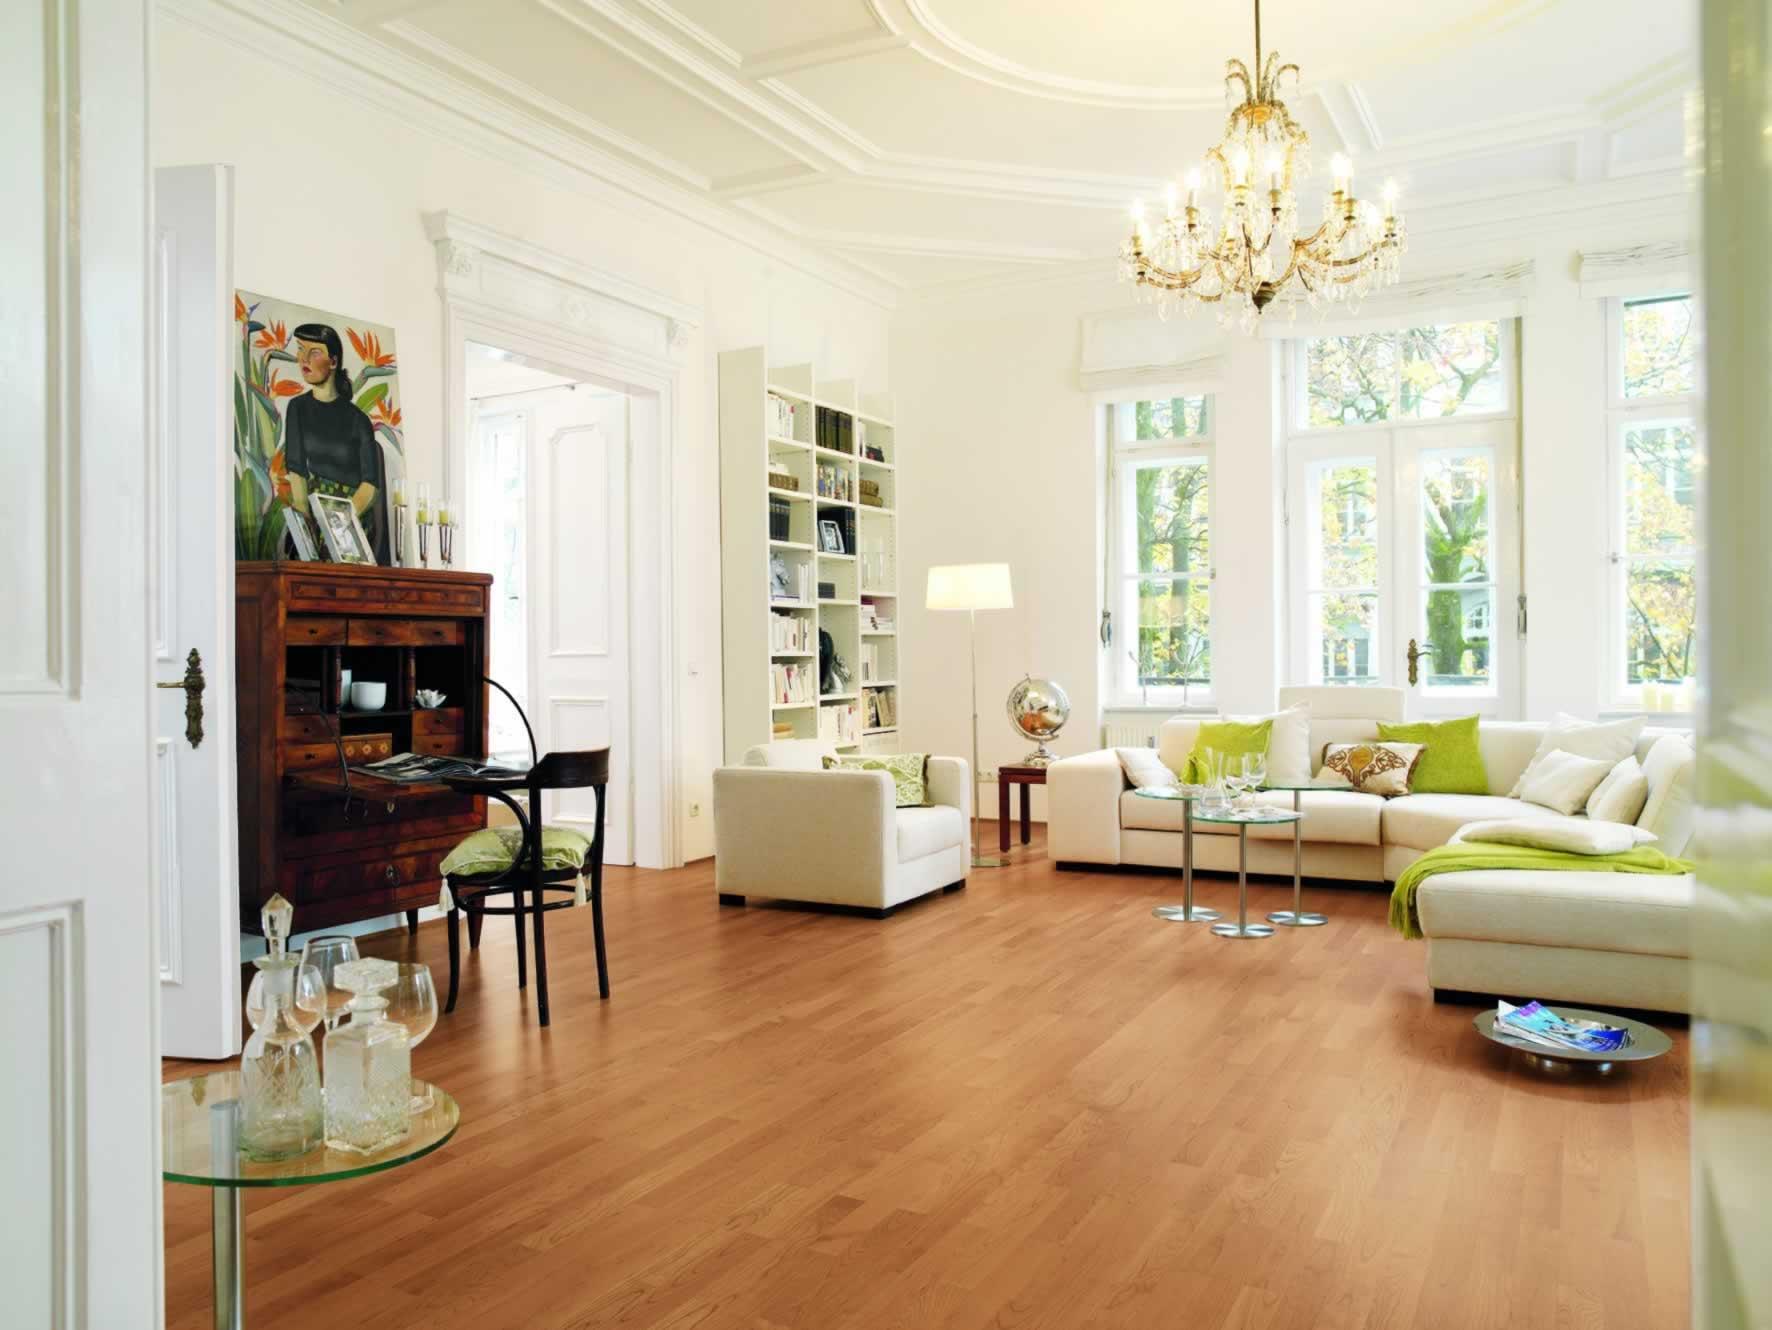 achat maison lyon vente de maisons et villas dans la r gion lyonnaise est. Black Bedroom Furniture Sets. Home Design Ideas